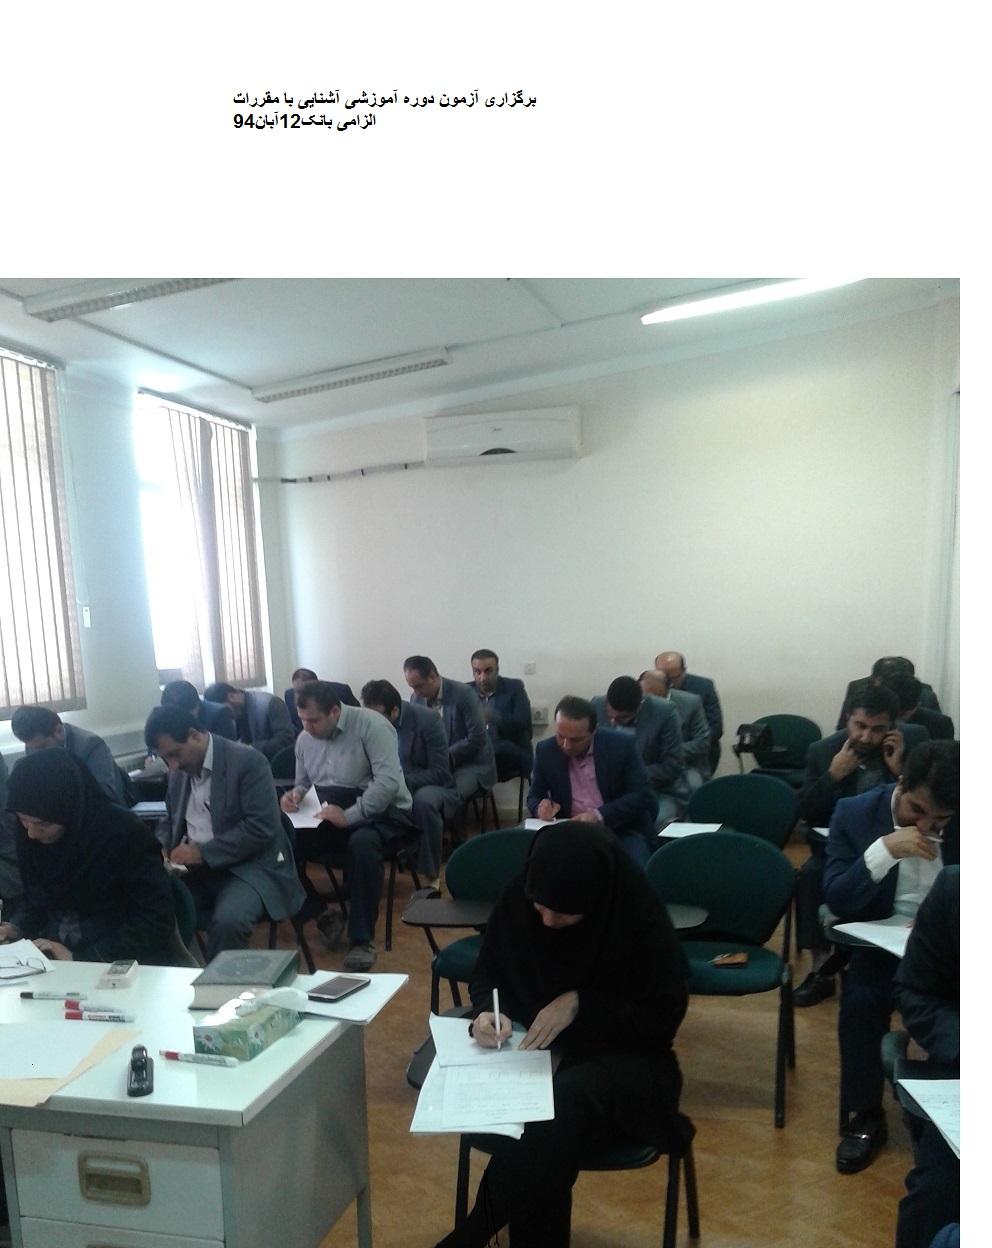 نمرات دوره آموزشی آشنایی با مقررات الزامی بانک مورخه 11و12 آبان 94